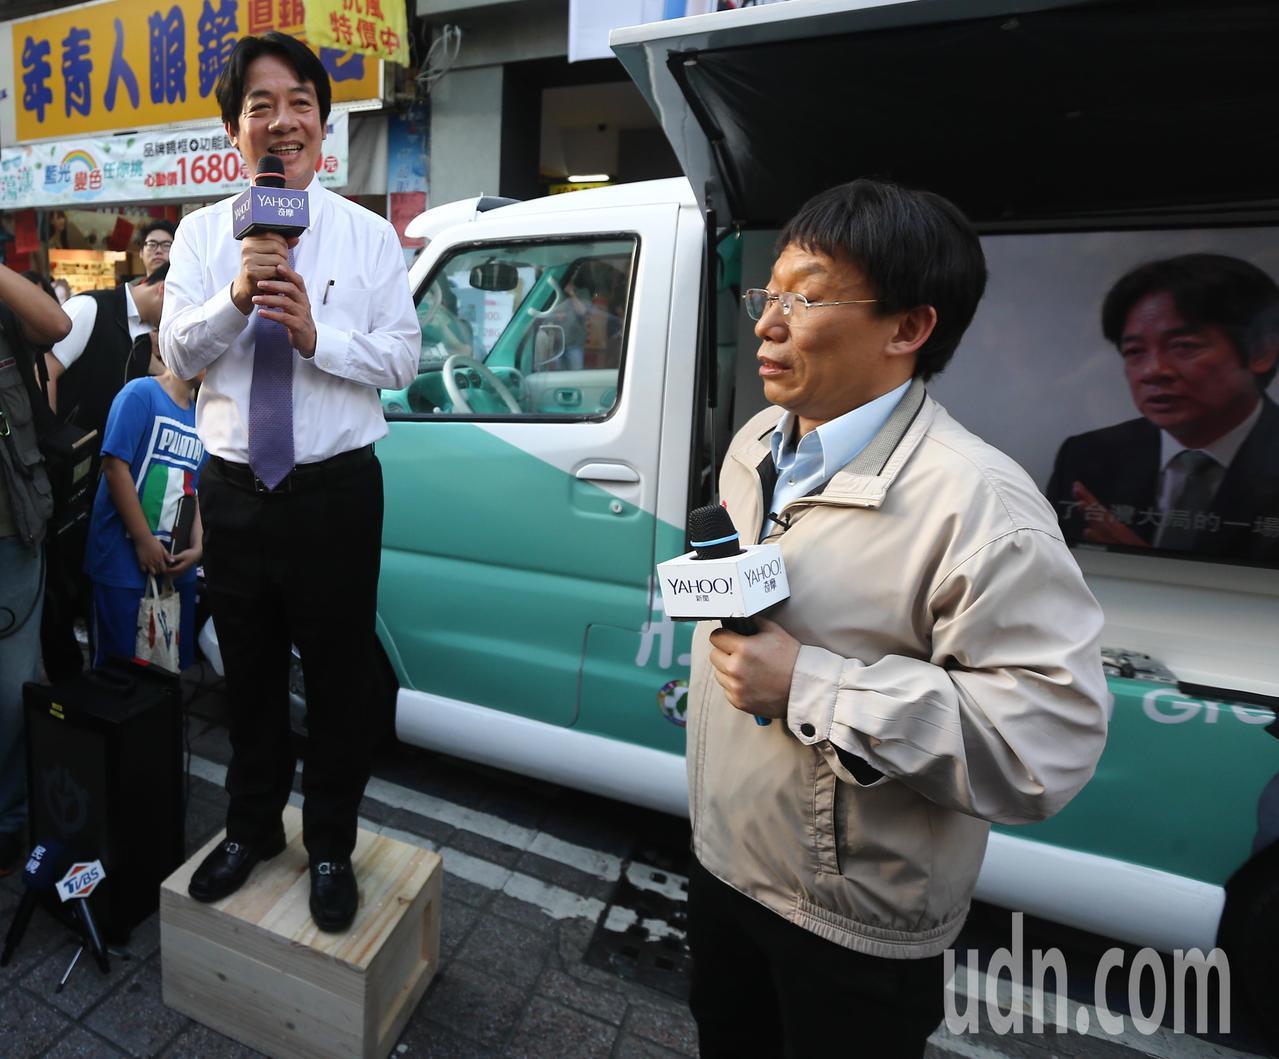 行政院前院長賴清德(左)前往逢甲夜市站在肥皂箱開講自己的參選理念 。記者黃仲裕/...